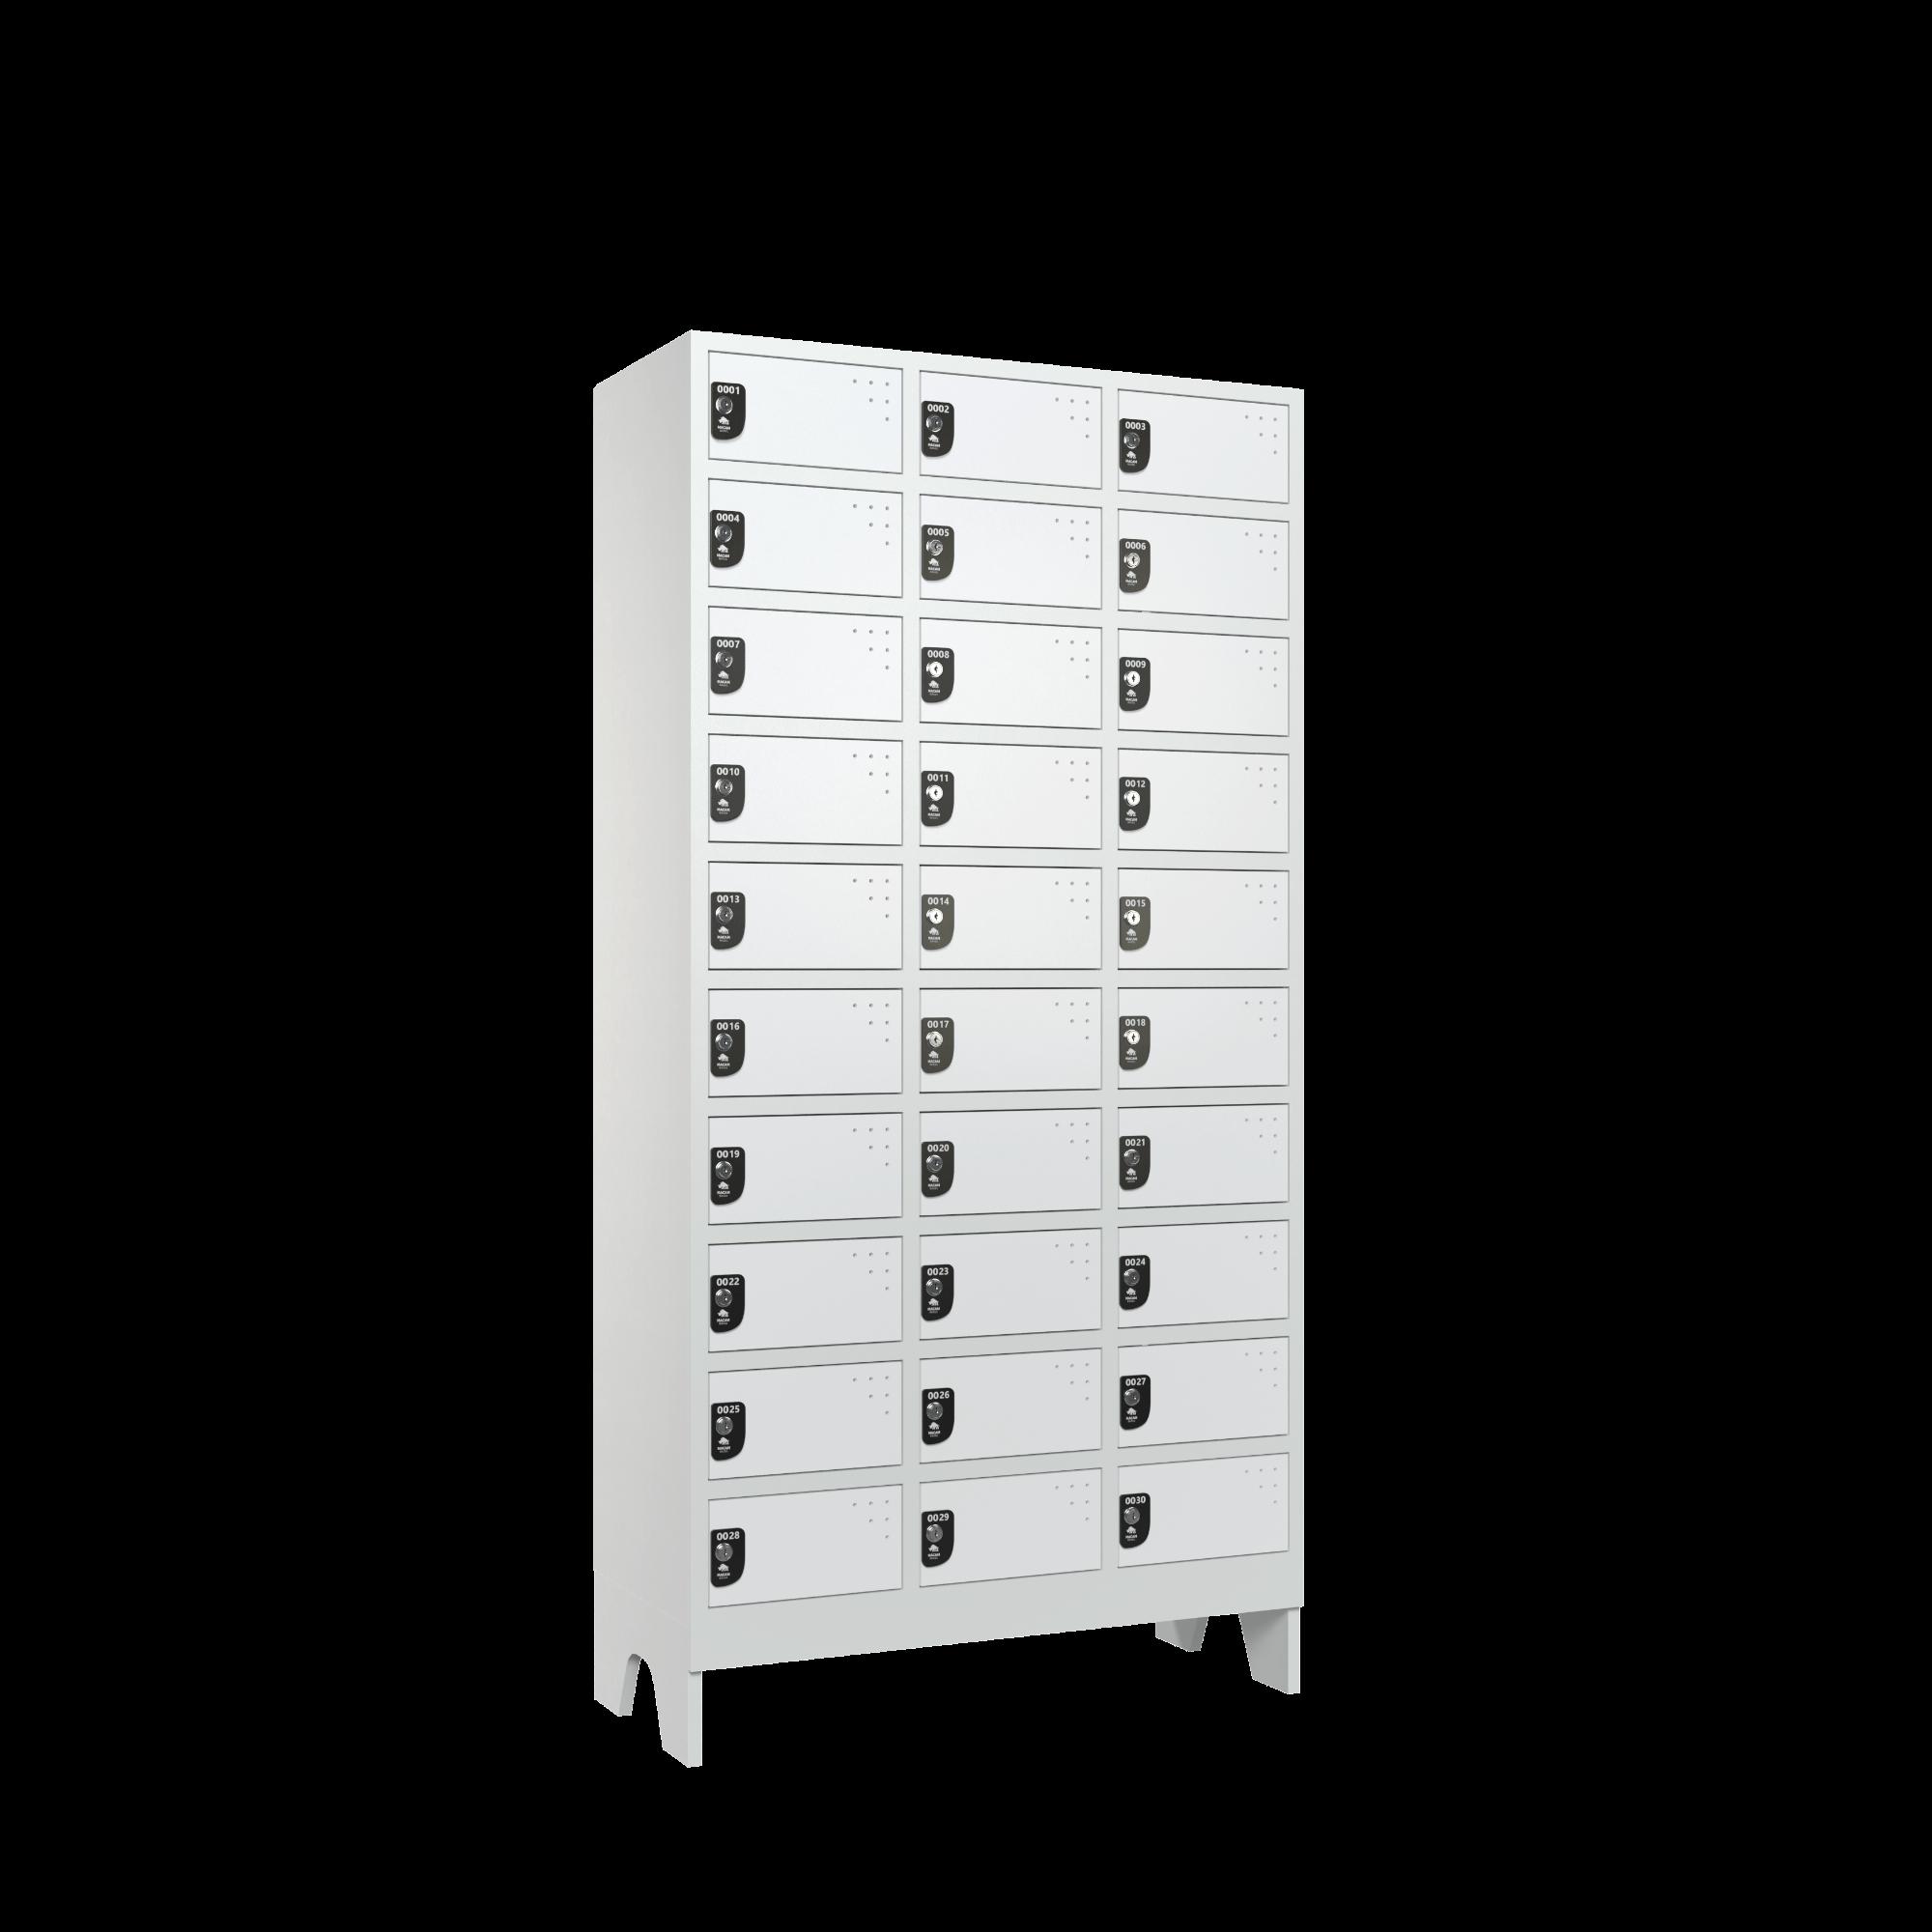 armario para vestiario colmeia lavanderia 10 portas por coluna 3 colunas 30 portas lateral fechado 2000x2000 1